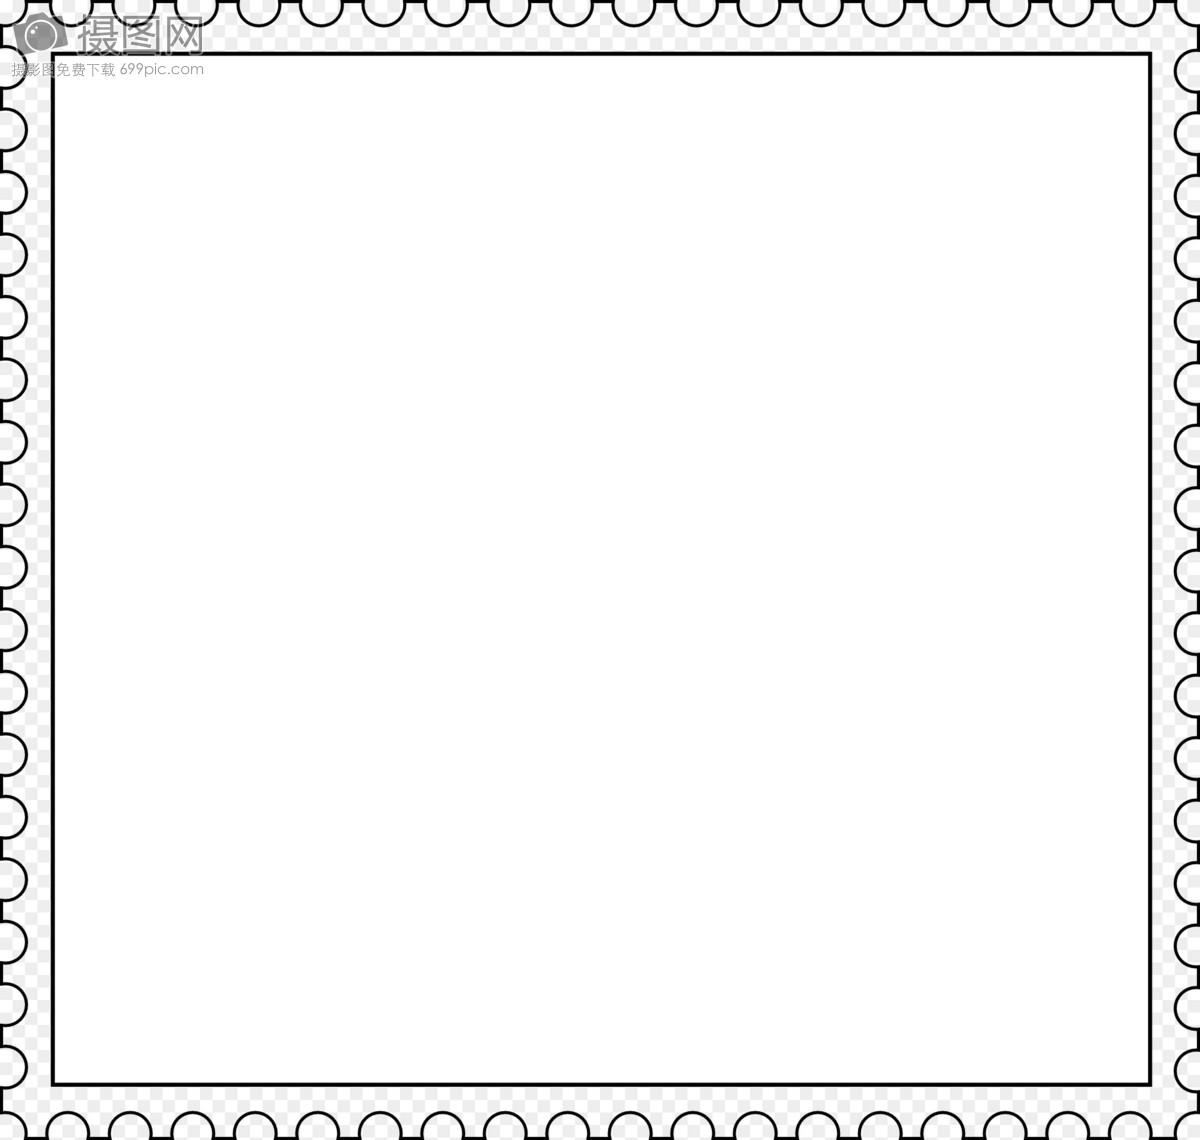 白色邮票边框图片素材_免费下载_svg图片格式_高清_摄